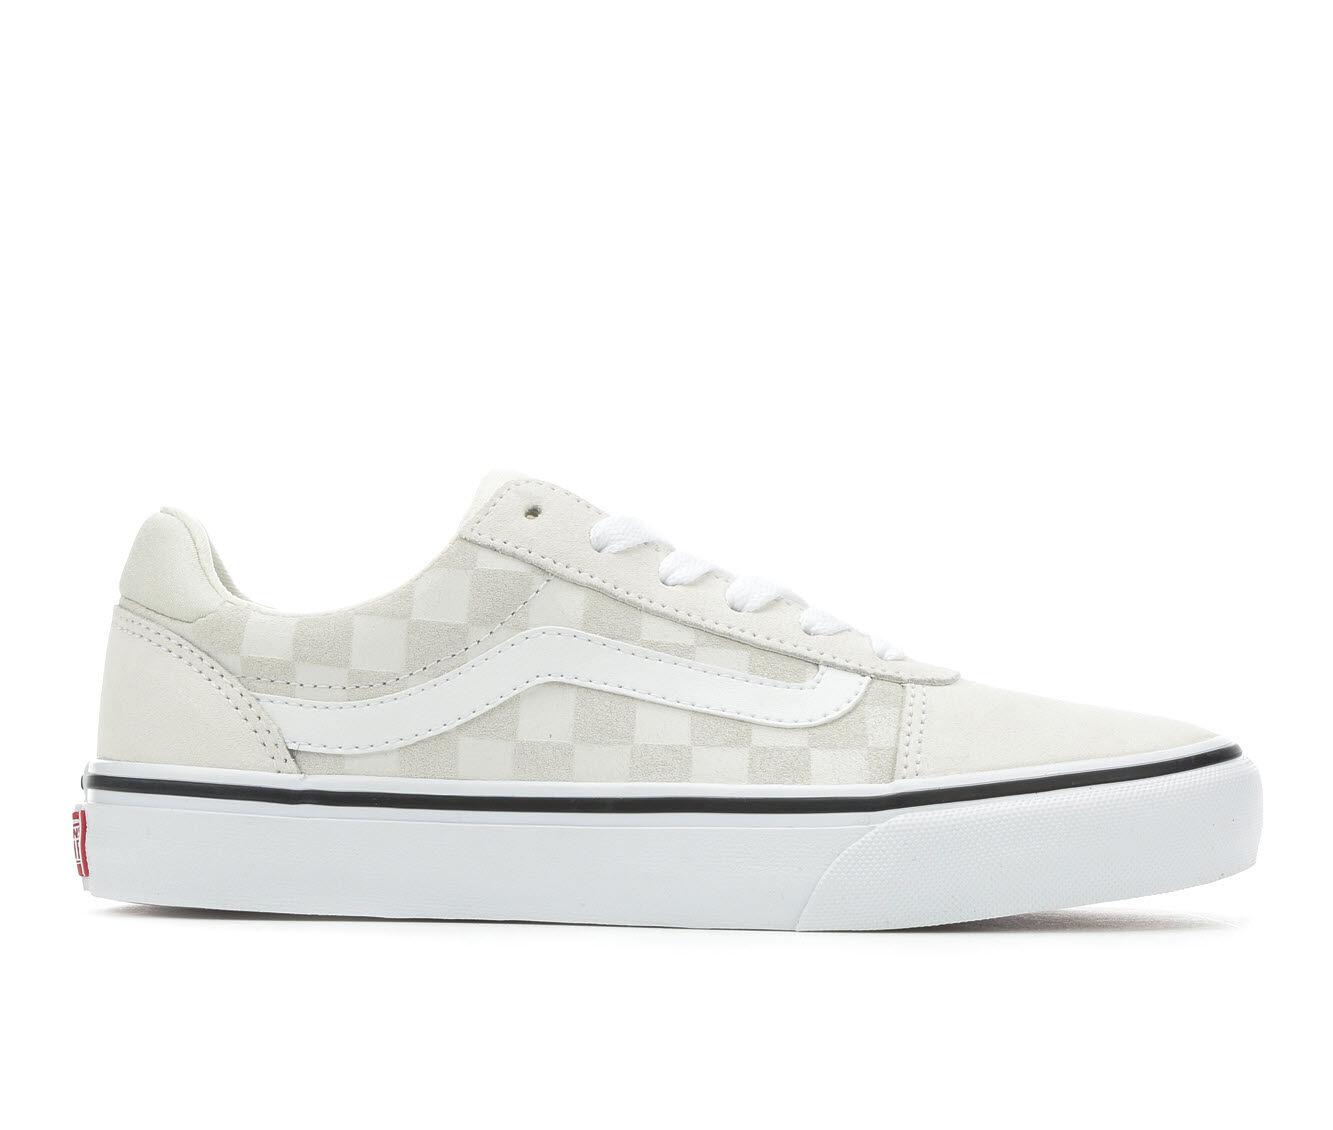 Women's Vans Ward Deluxe Skate Shoes